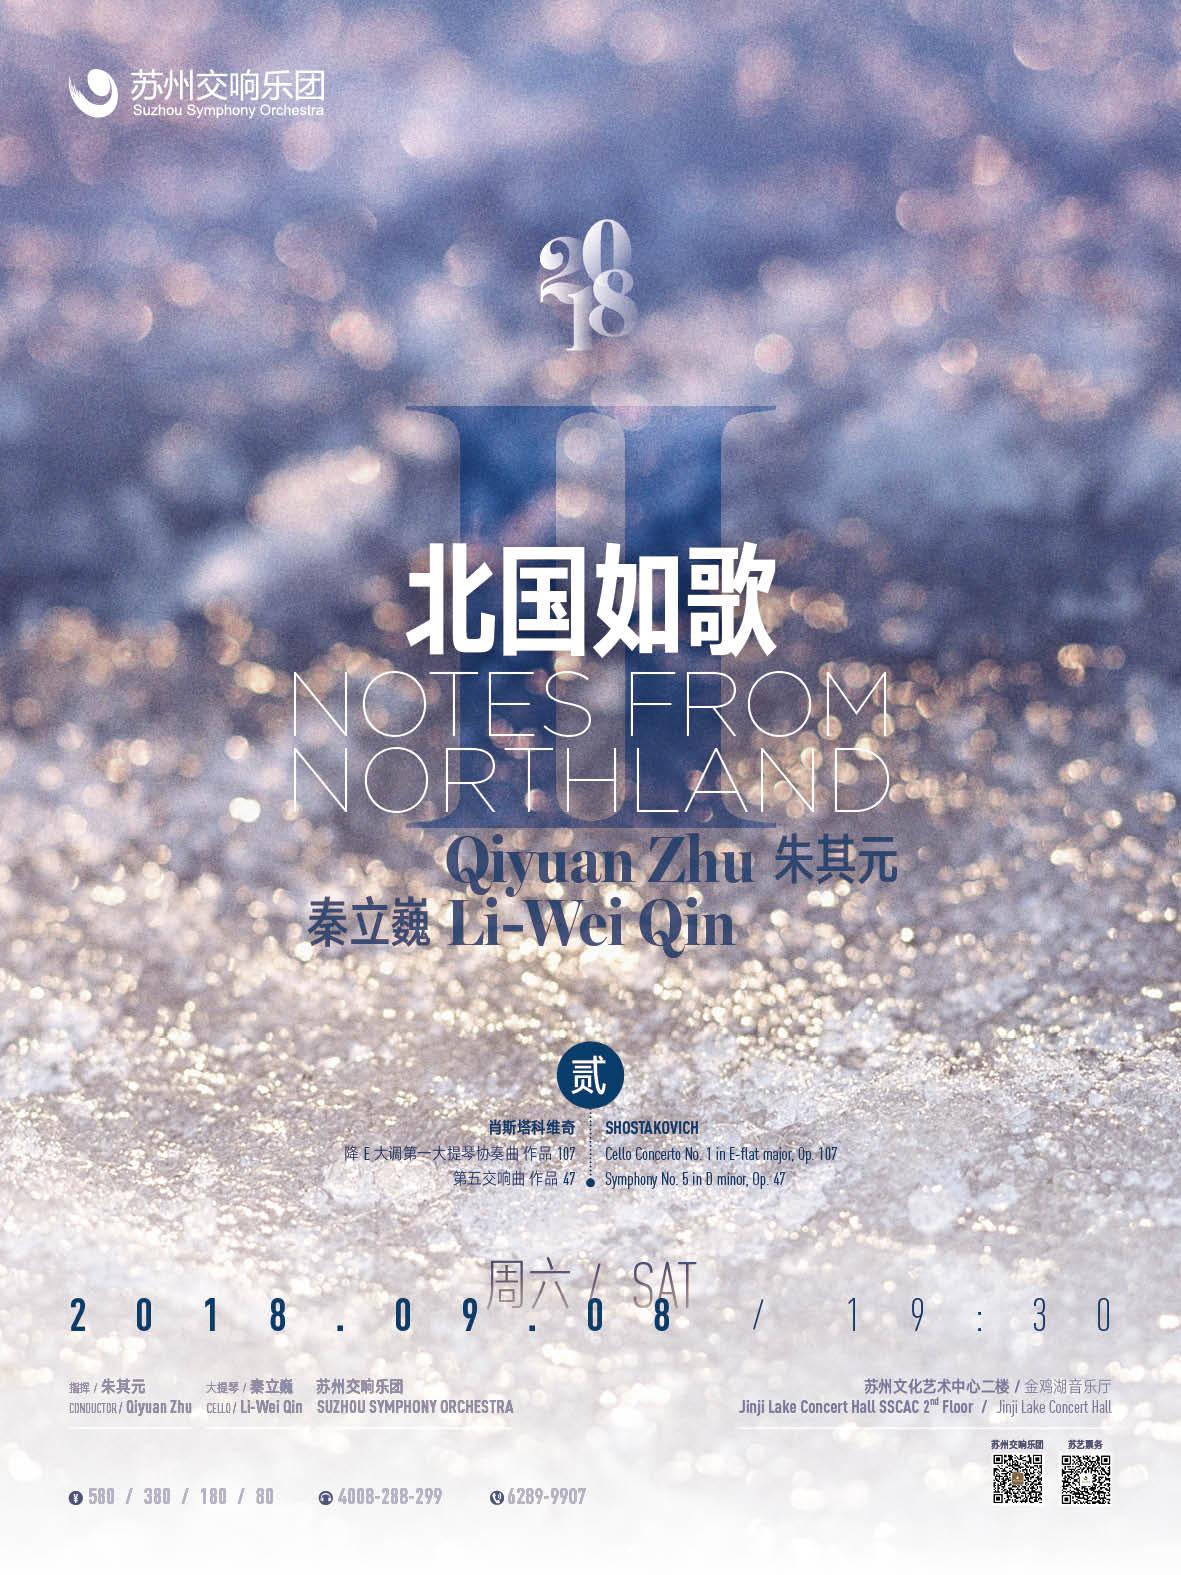 苏州交响乐团2018音乐季—北国如歌/贰(主办)